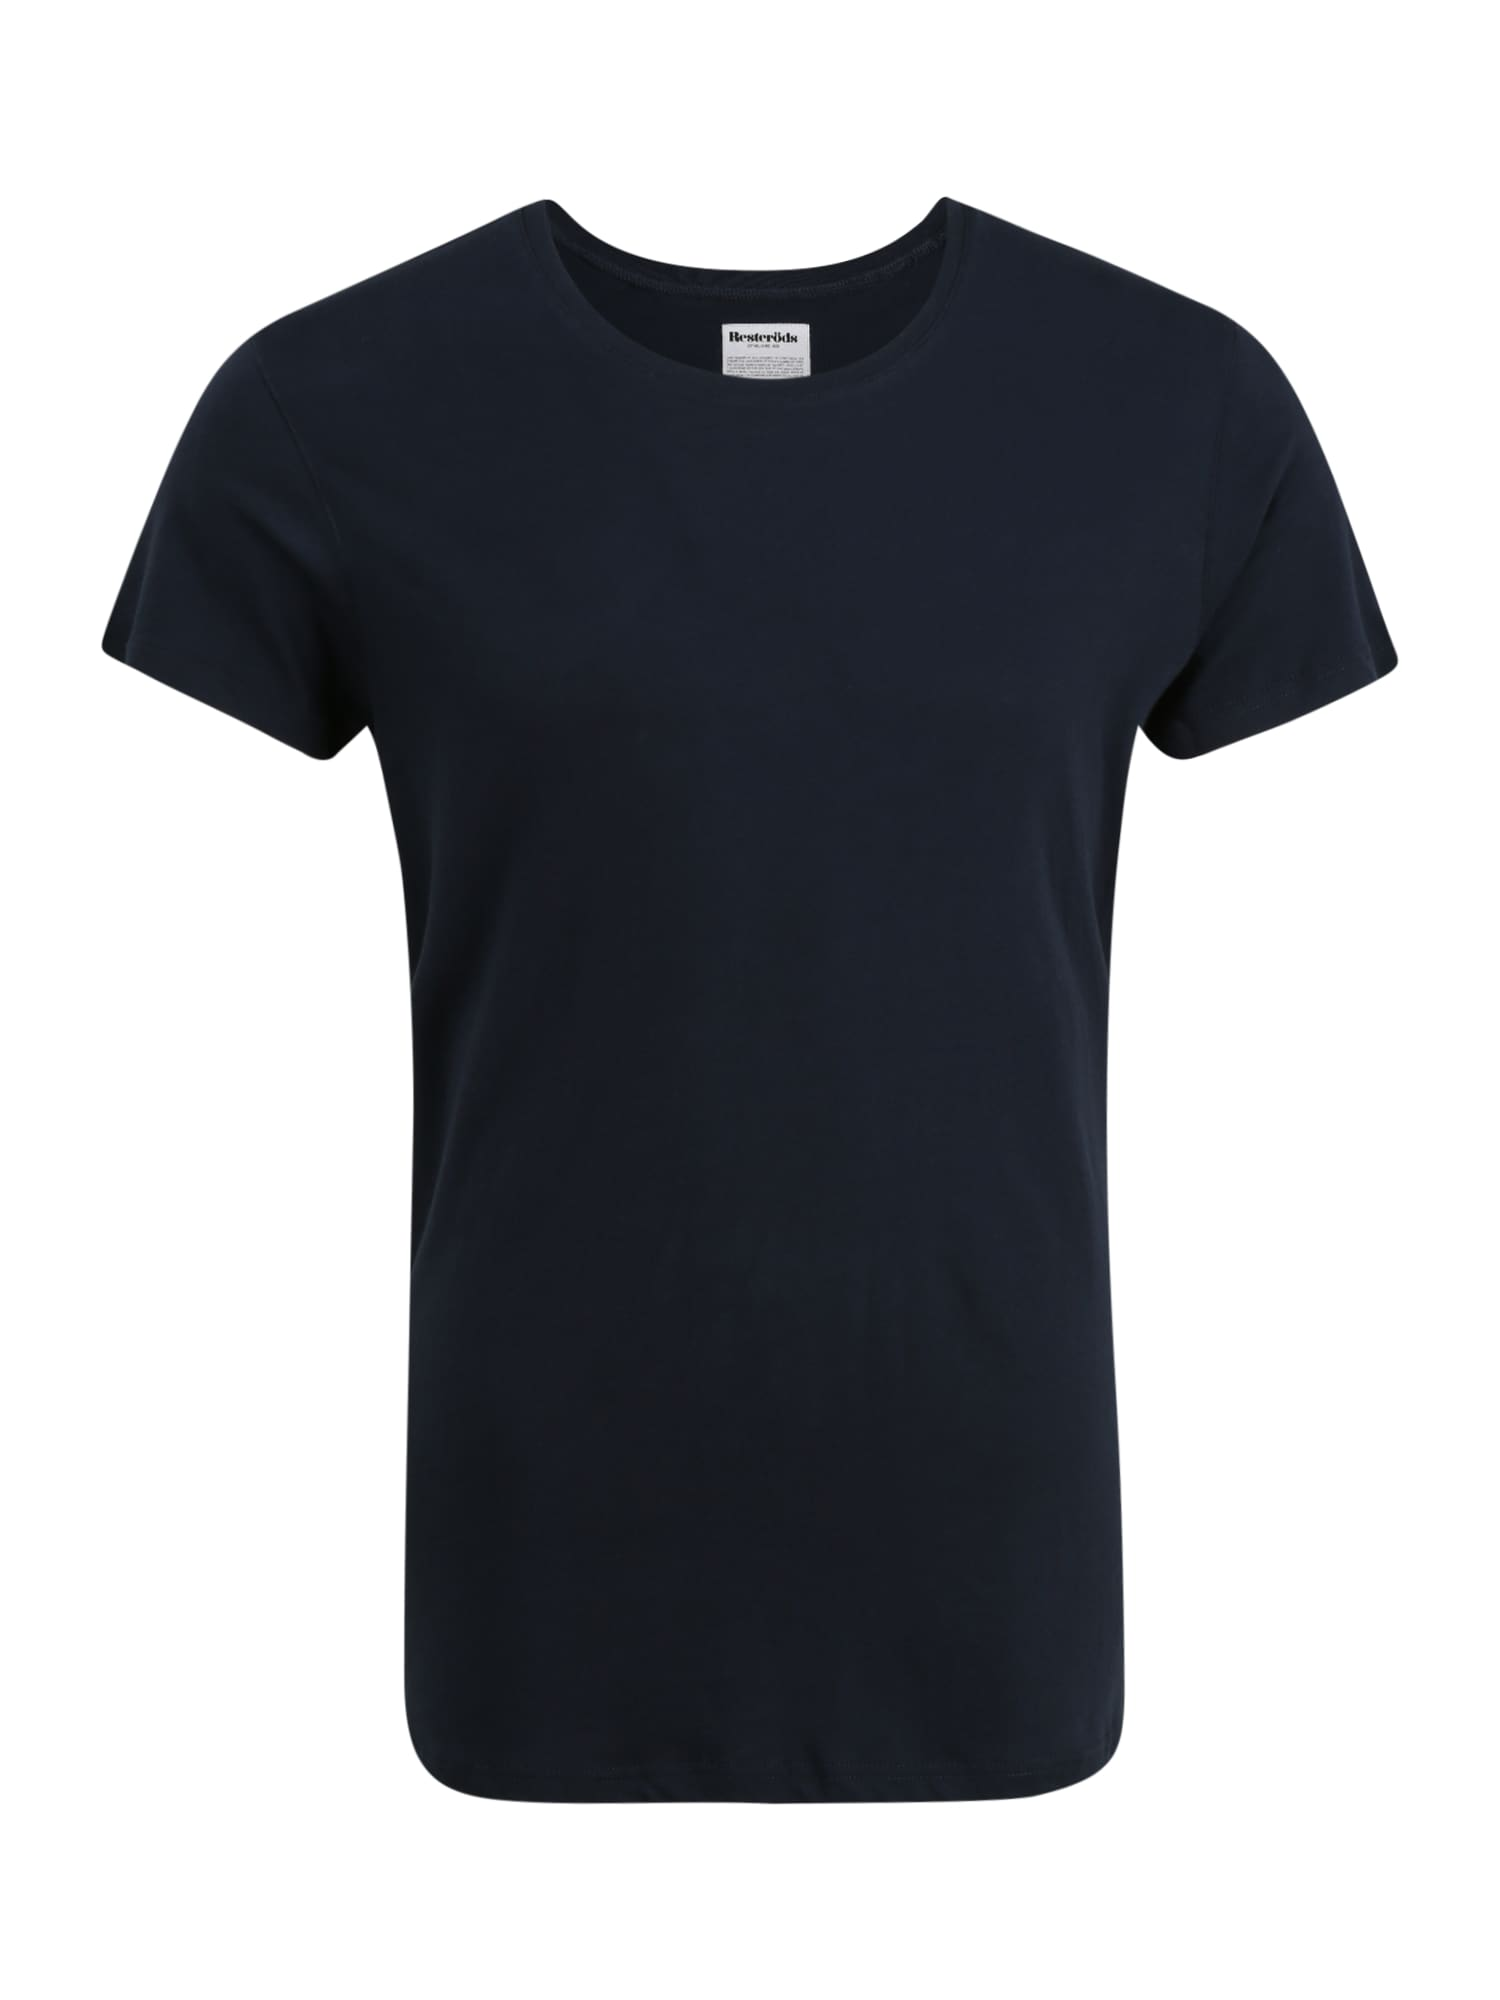 Resteröds Apatiniai marškinėliai tamsiai mėlyna